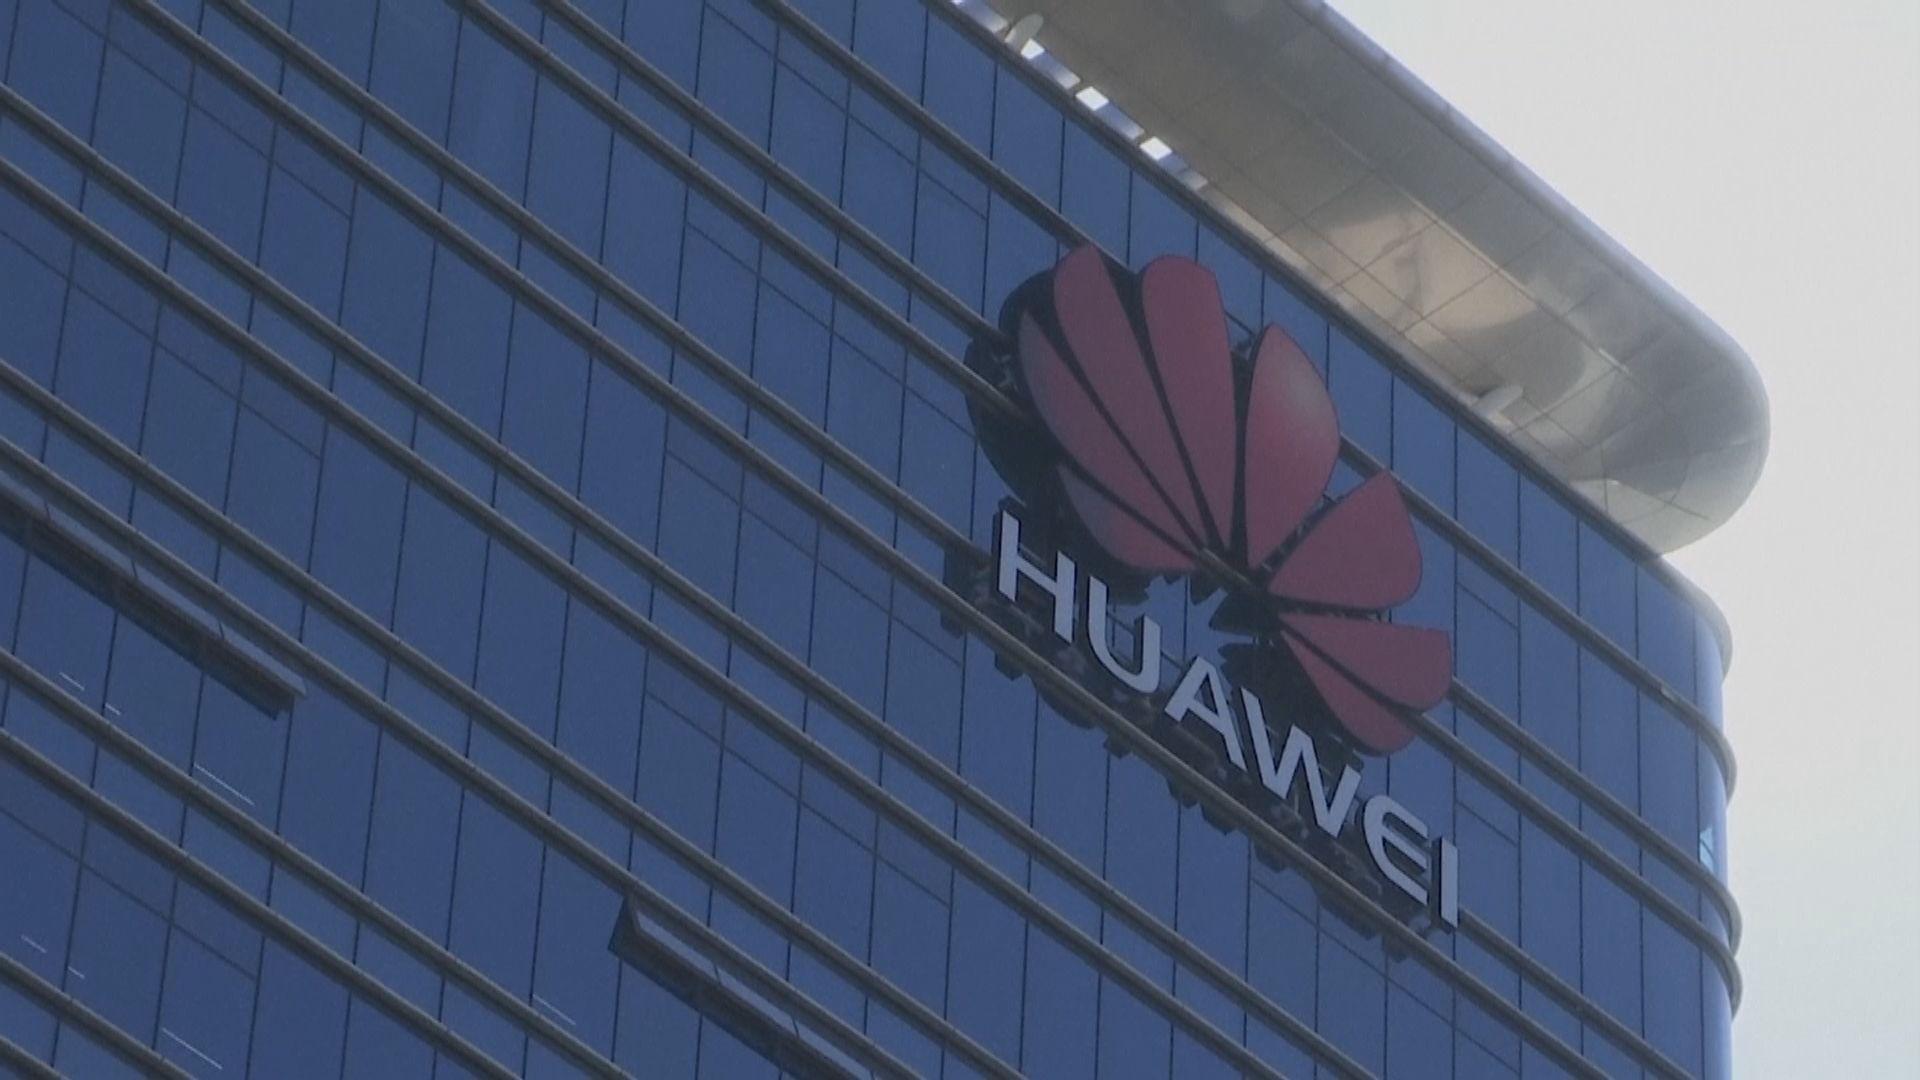 美國監管機構提議禁用華為和中興等5間中國公司設備